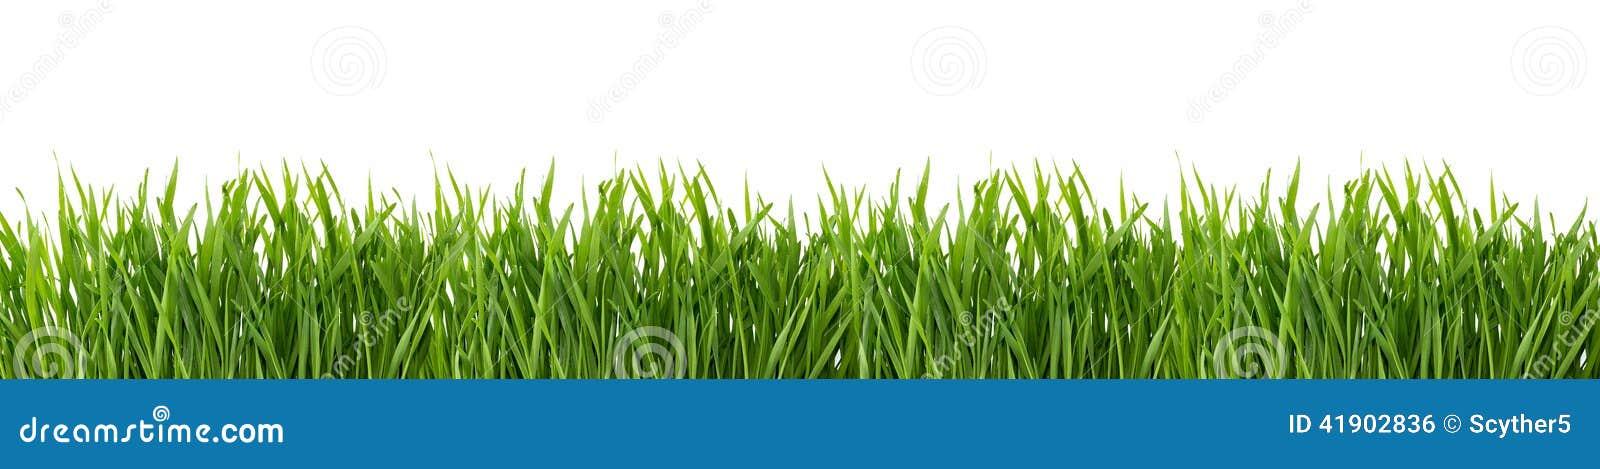 Erba verde isolata su priorità bassa bianca